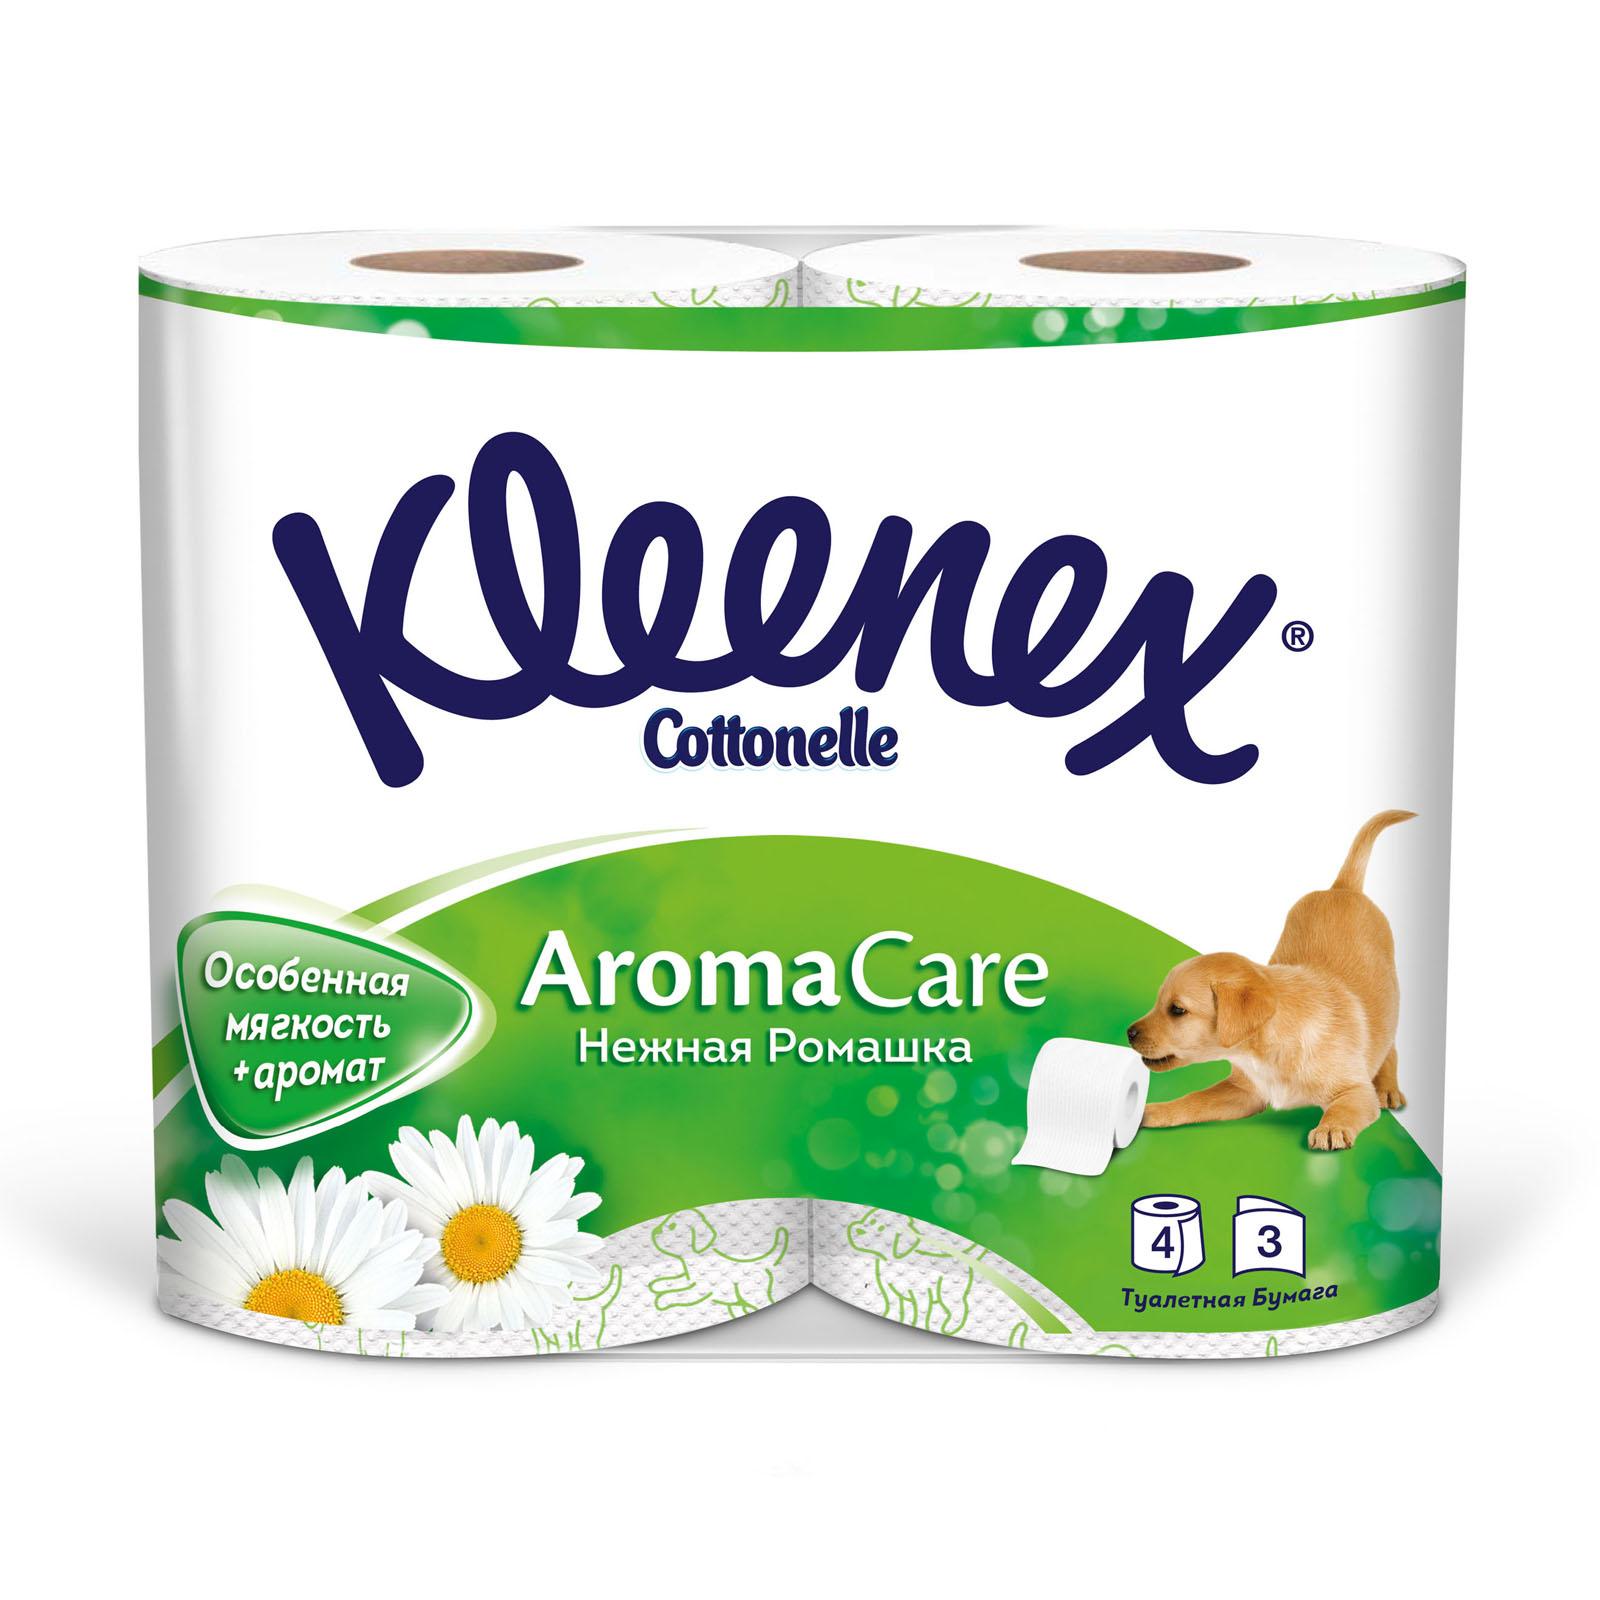 Туалетная бумага Kleenex ромашка (3 слоя) 4 шт